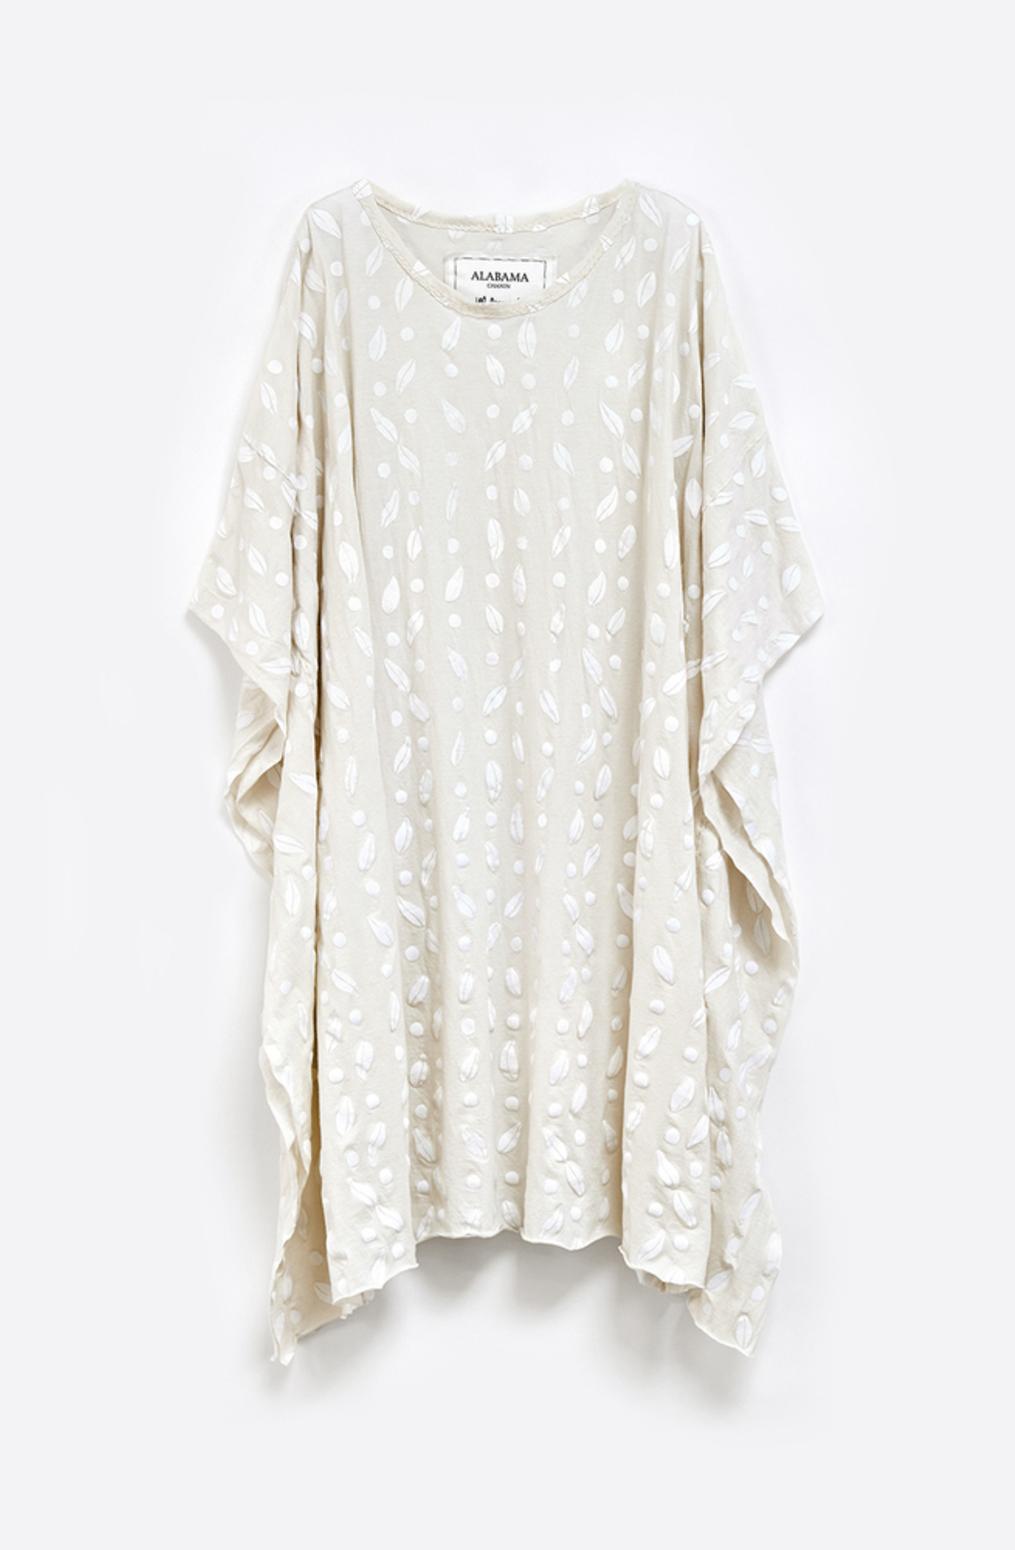 Alabama chanin womens caftan cotton dress 2